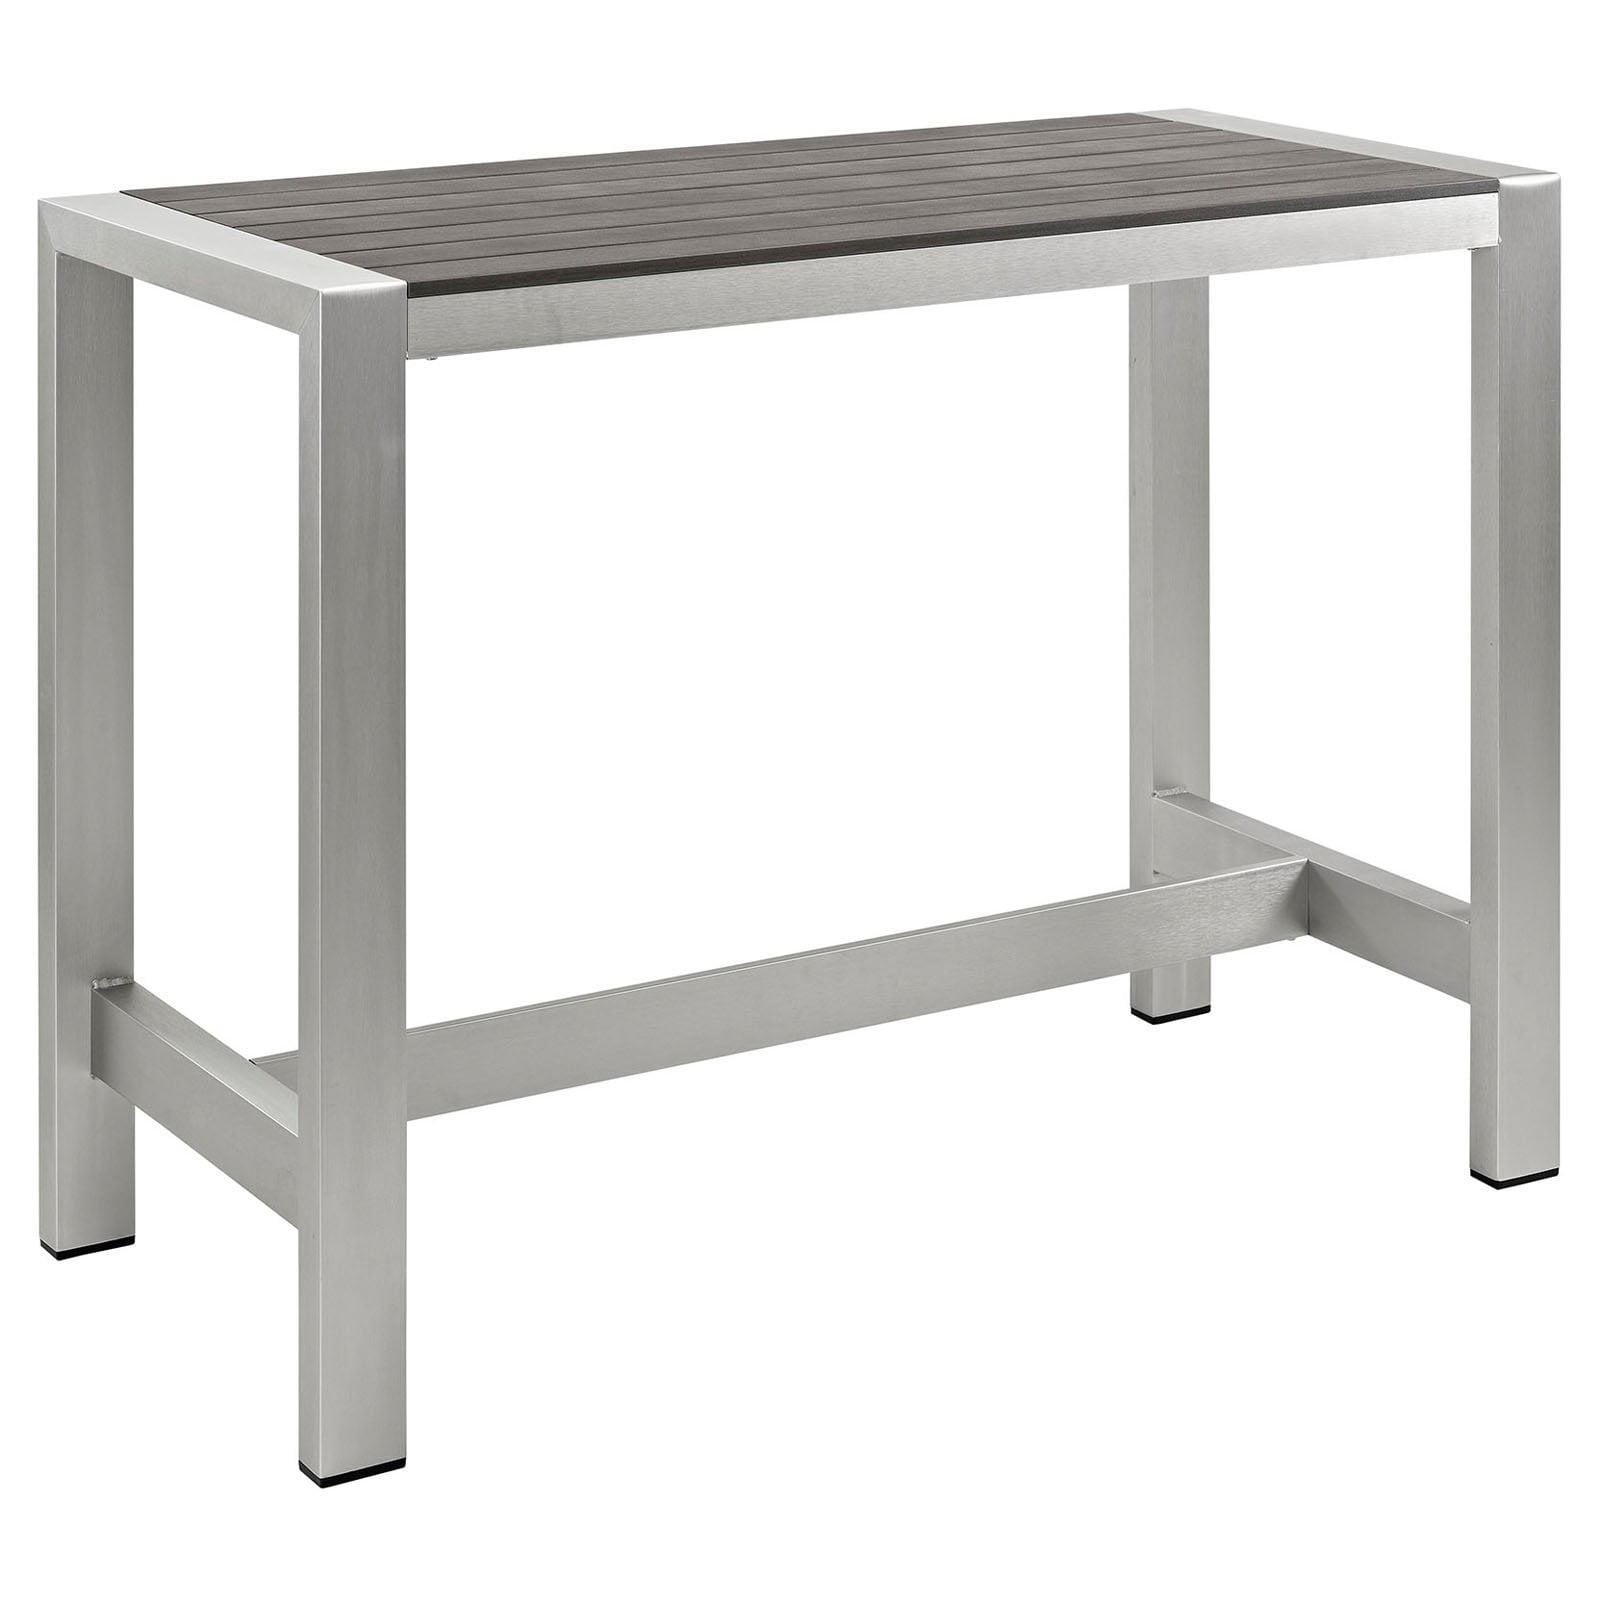 Modway Shore Outdoor Patio Aluminum Rectangular Bar Table, Silver/Gray